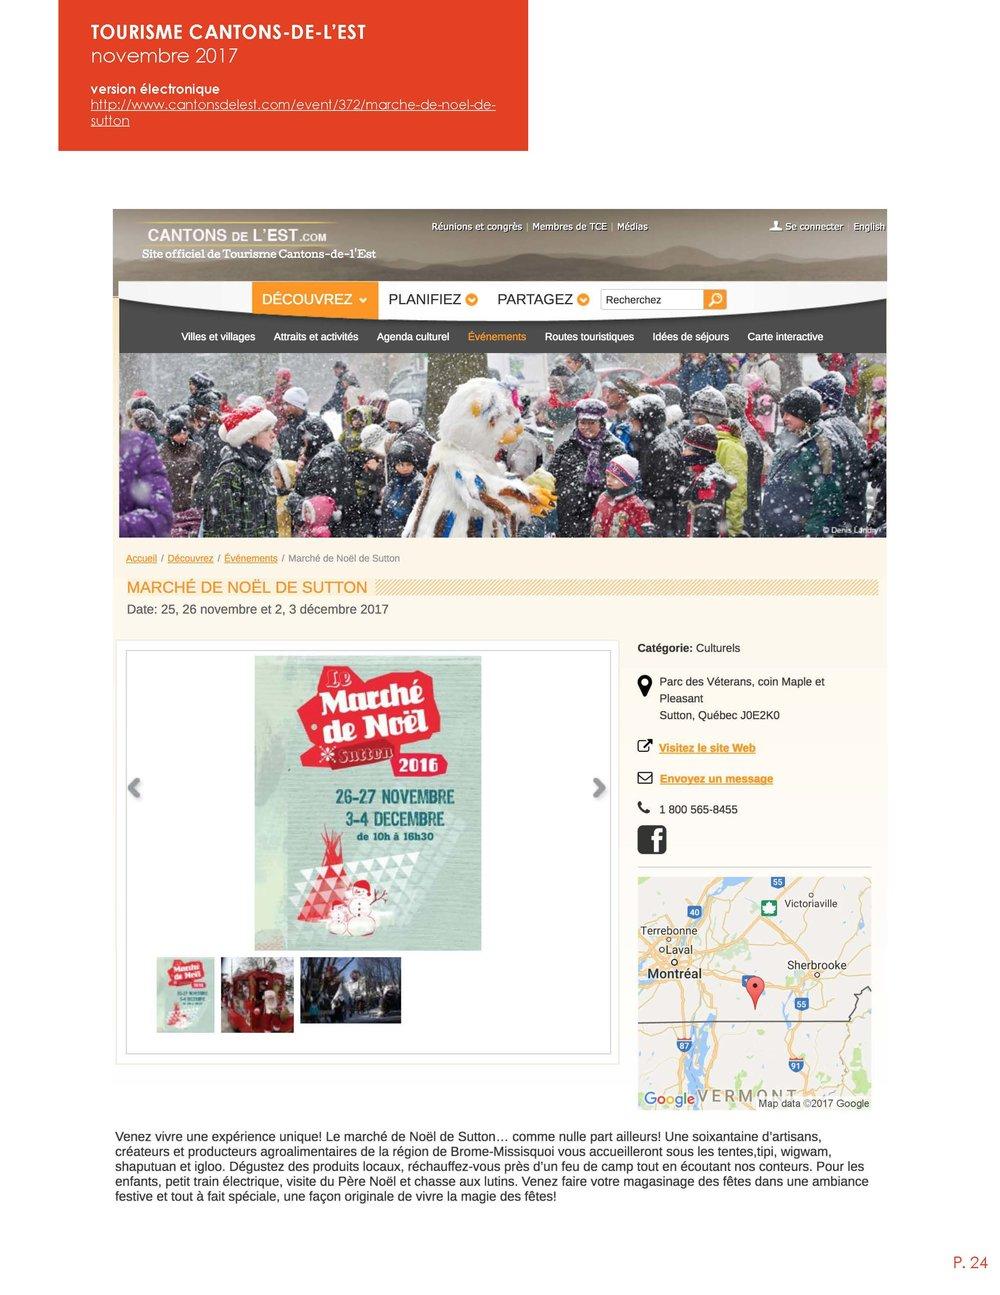 Revue de presse - MARCHÉ DE NOËL SUTTON 2017_Page_24.jpg